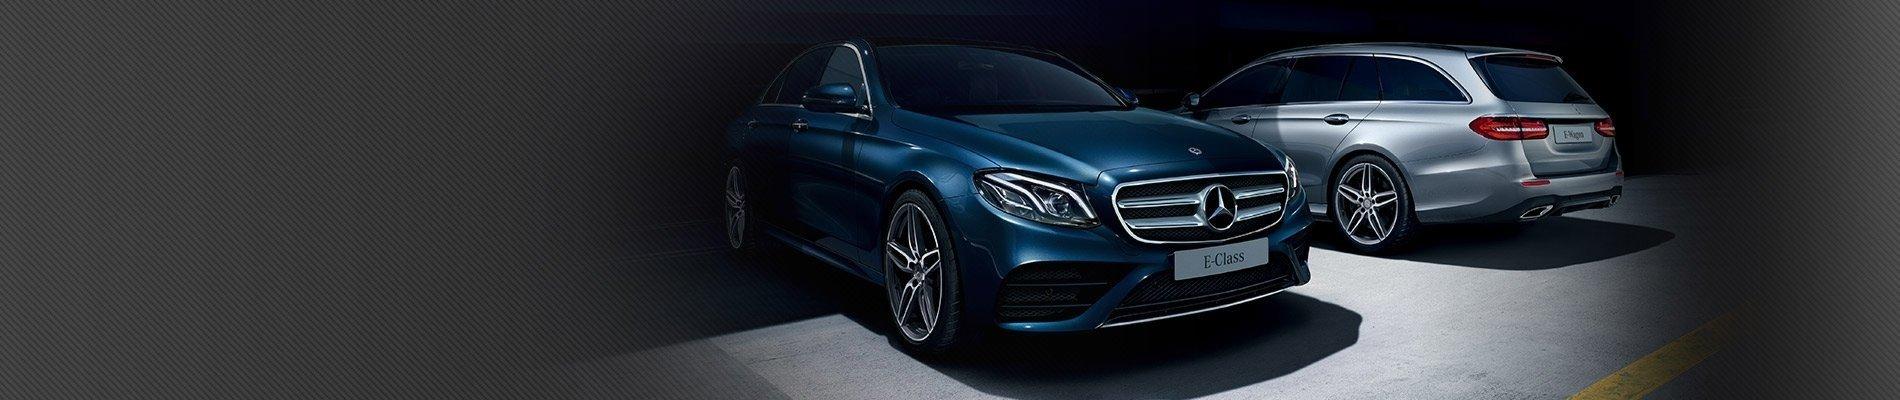 Corporate fleet mercedes benz midtown toronto for Mercedes benz fleet